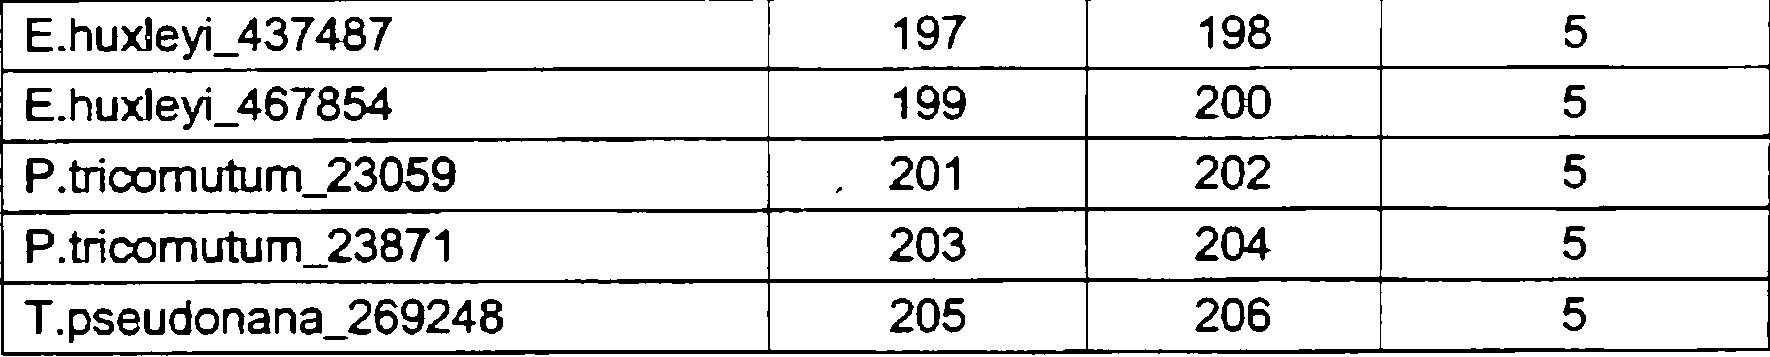 Atemberaubend Sequenzierung Einer Tabelle 3Klasse Galerie - Super ...